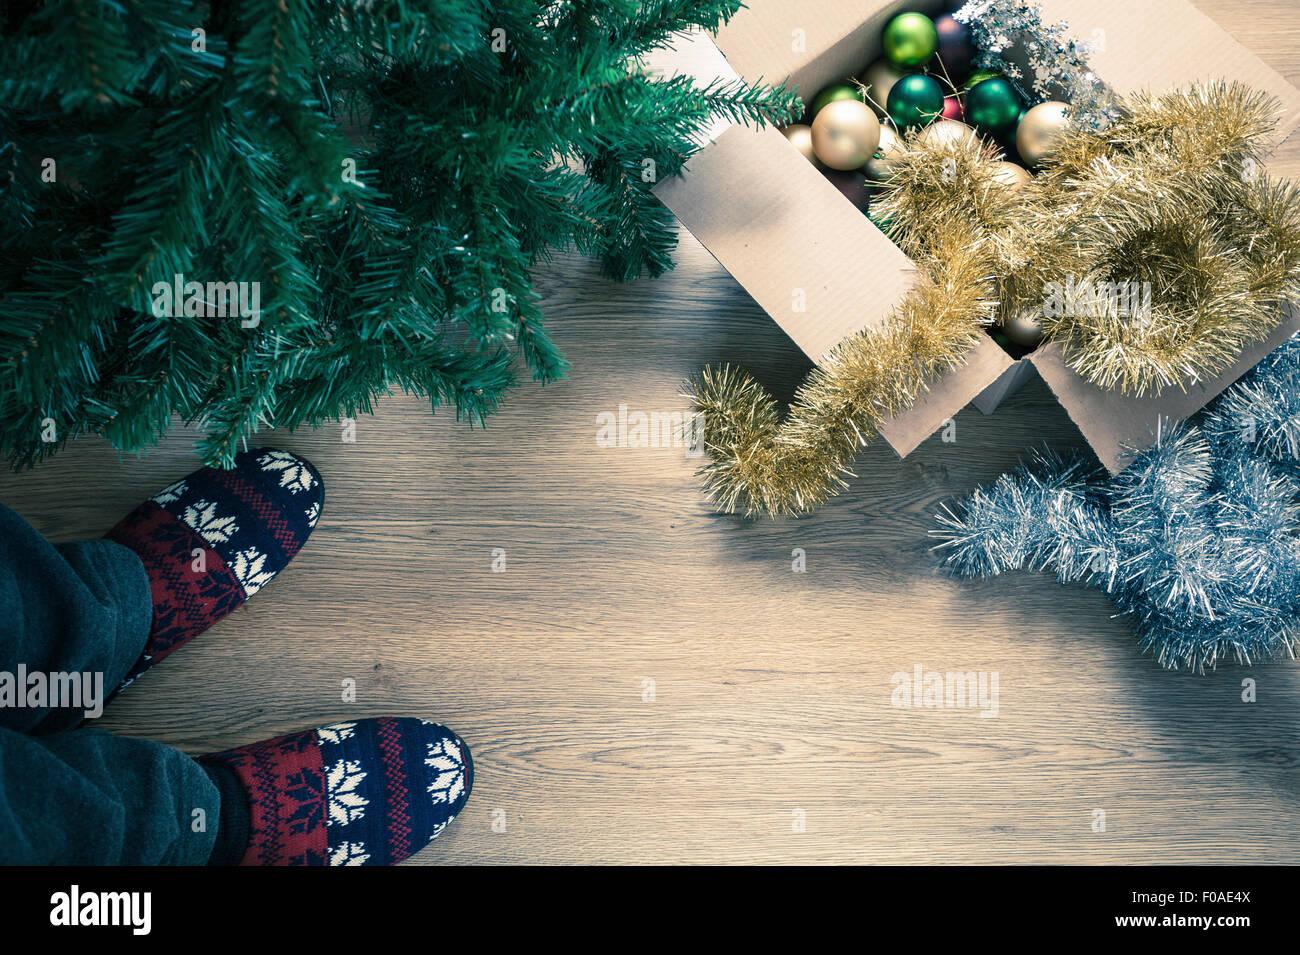 Persona llevaba zapatillas con decoraciones de navidad, ángulo alto Imagen De Stock